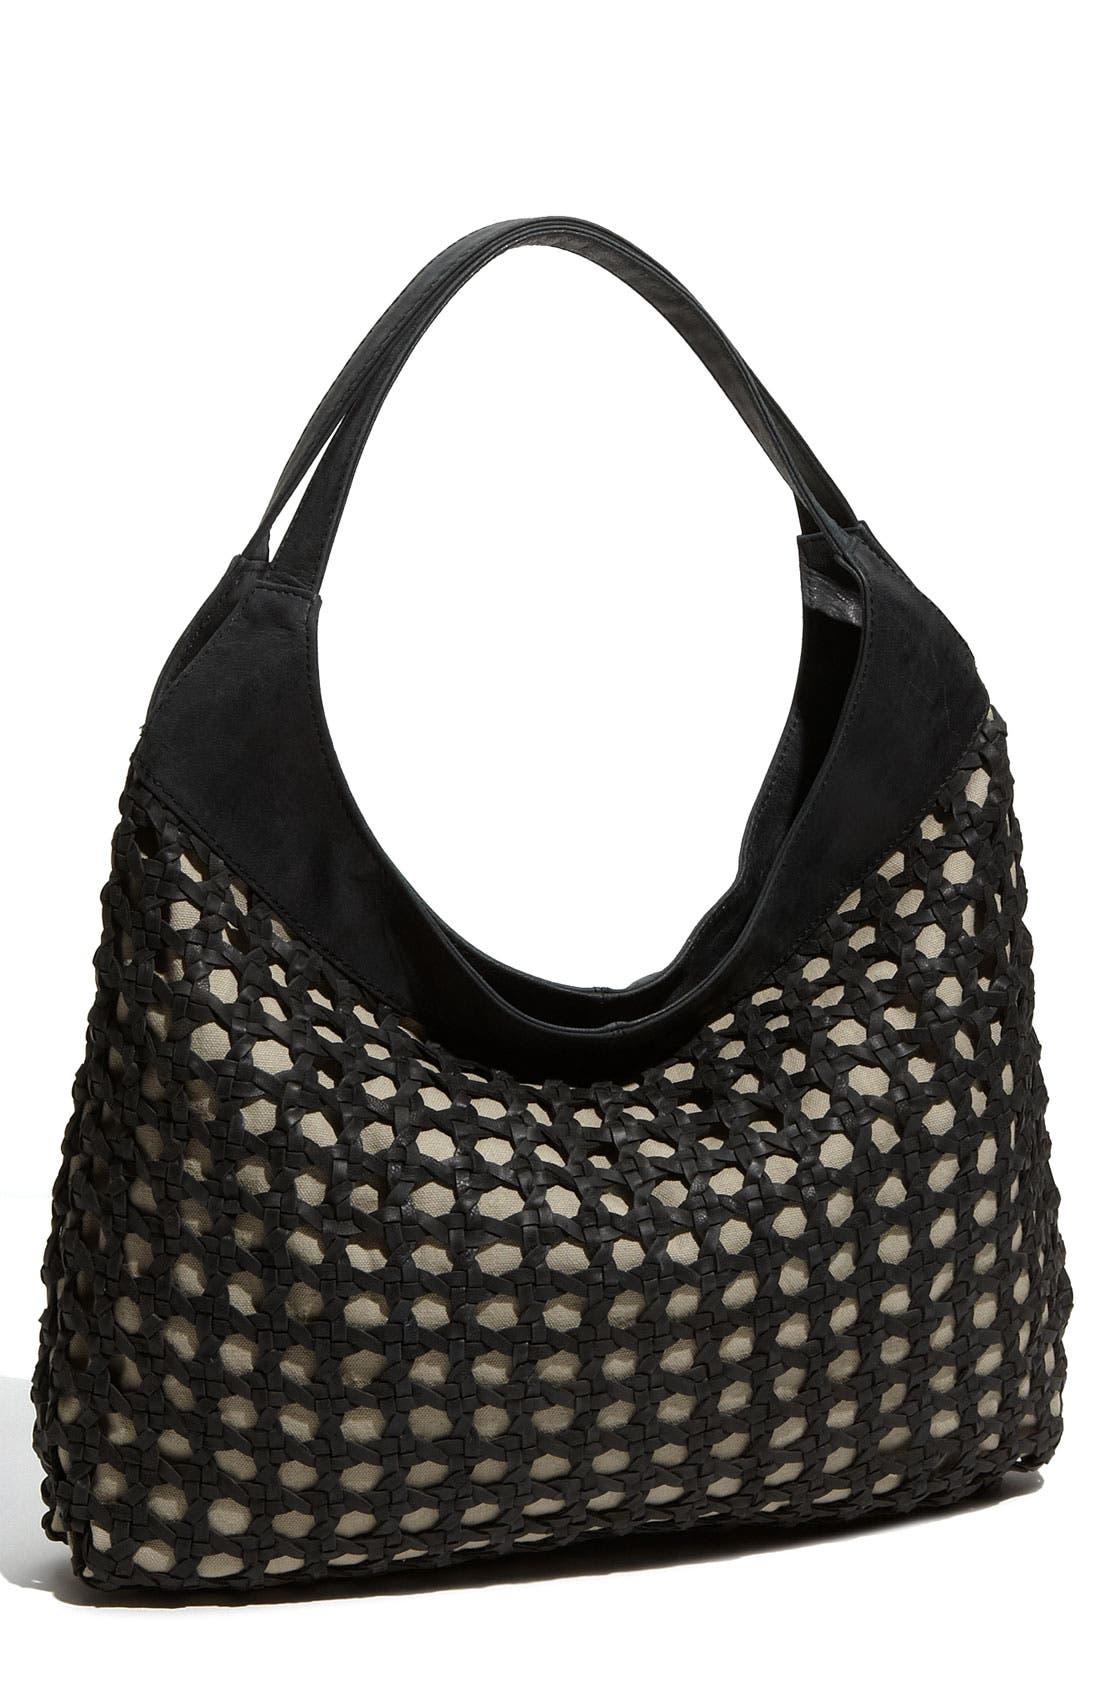 Alternate Image 1 Selected - Hinge® 'Net' Woven Shoulder Bag